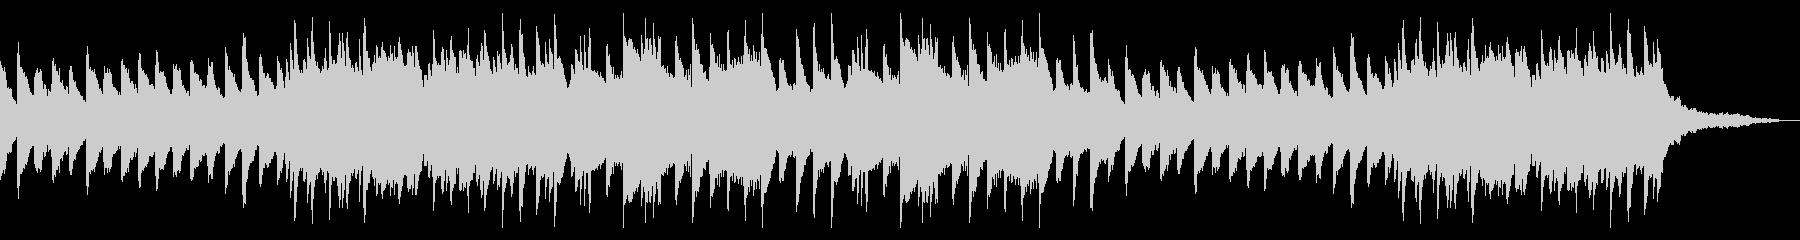 しっとり平坦なピアノBGMの未再生の波形